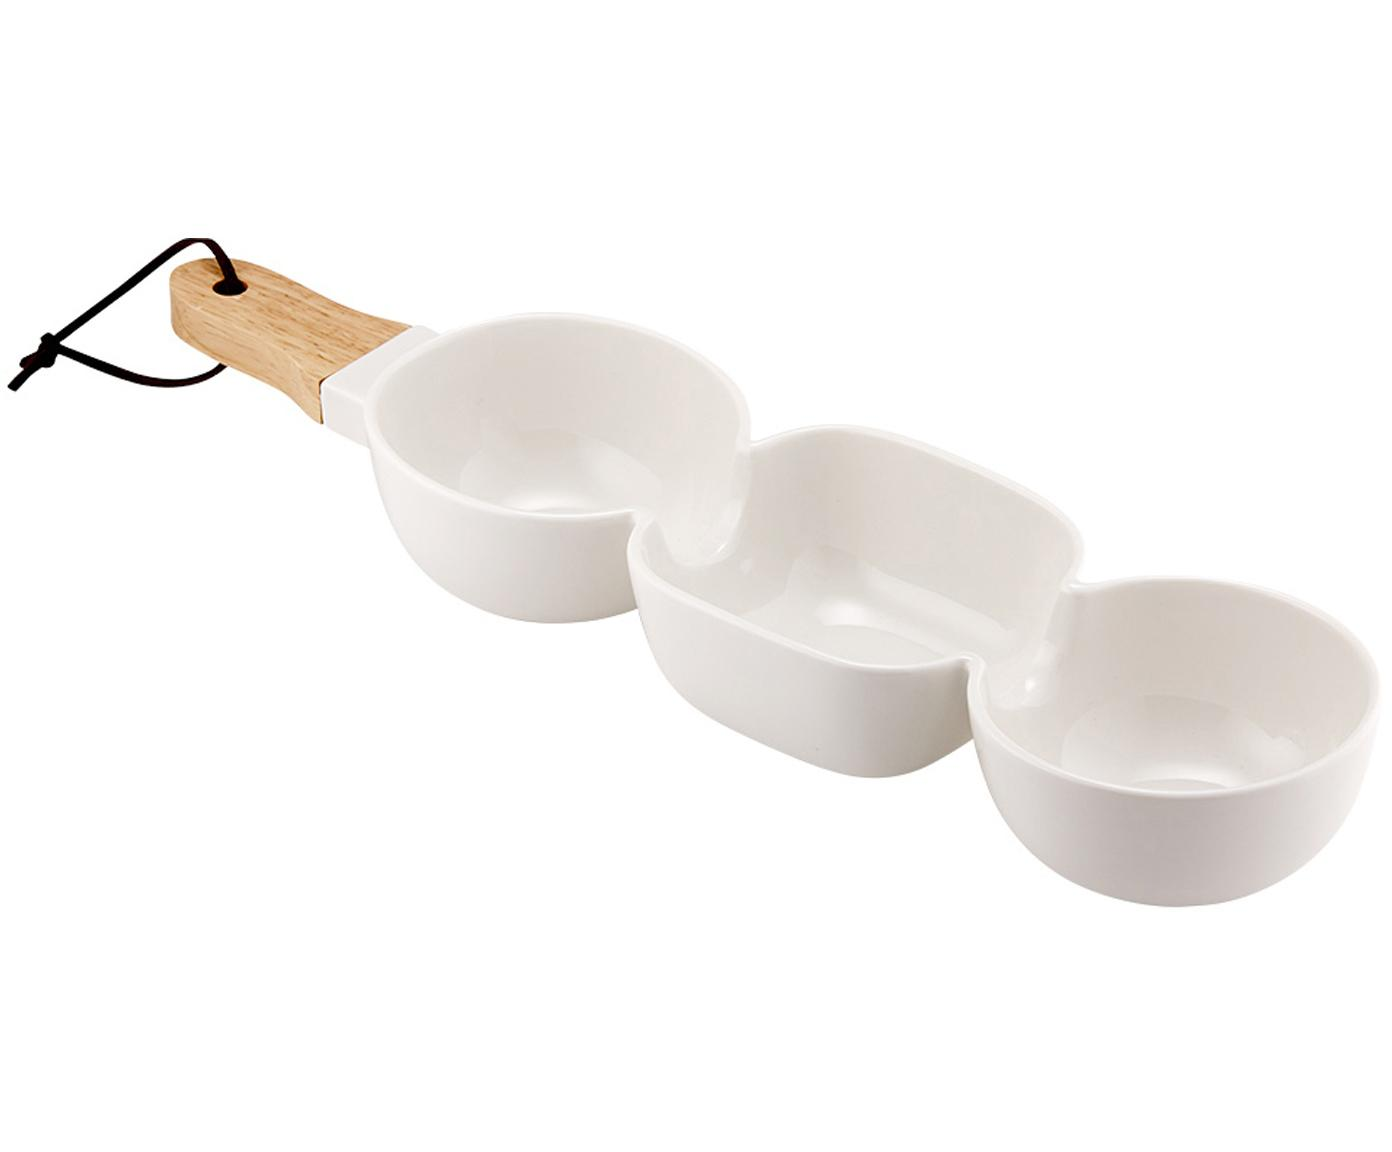 Servierschale Classic, Schale: Porzellan, Griff: Gummibaumholz, Weiß, B 40 x T 10 cm